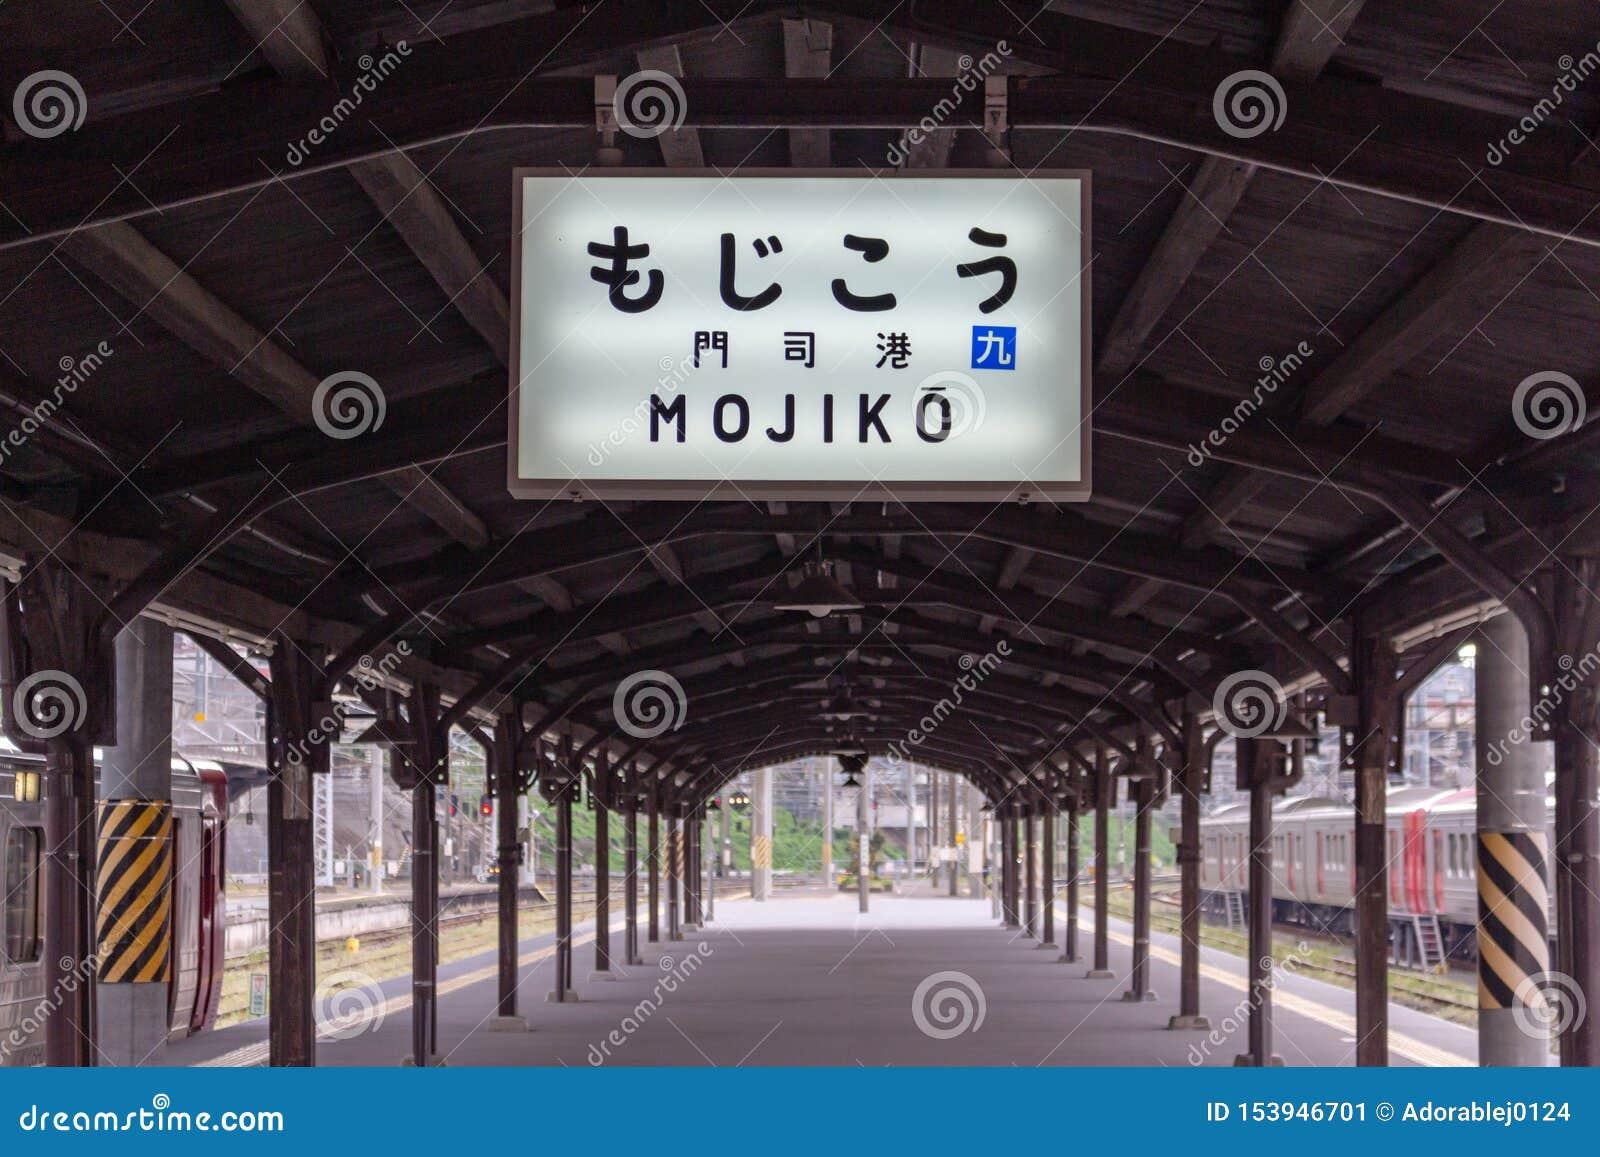 Plataforma da estação de Mojiko, Kitakyushu, Japão